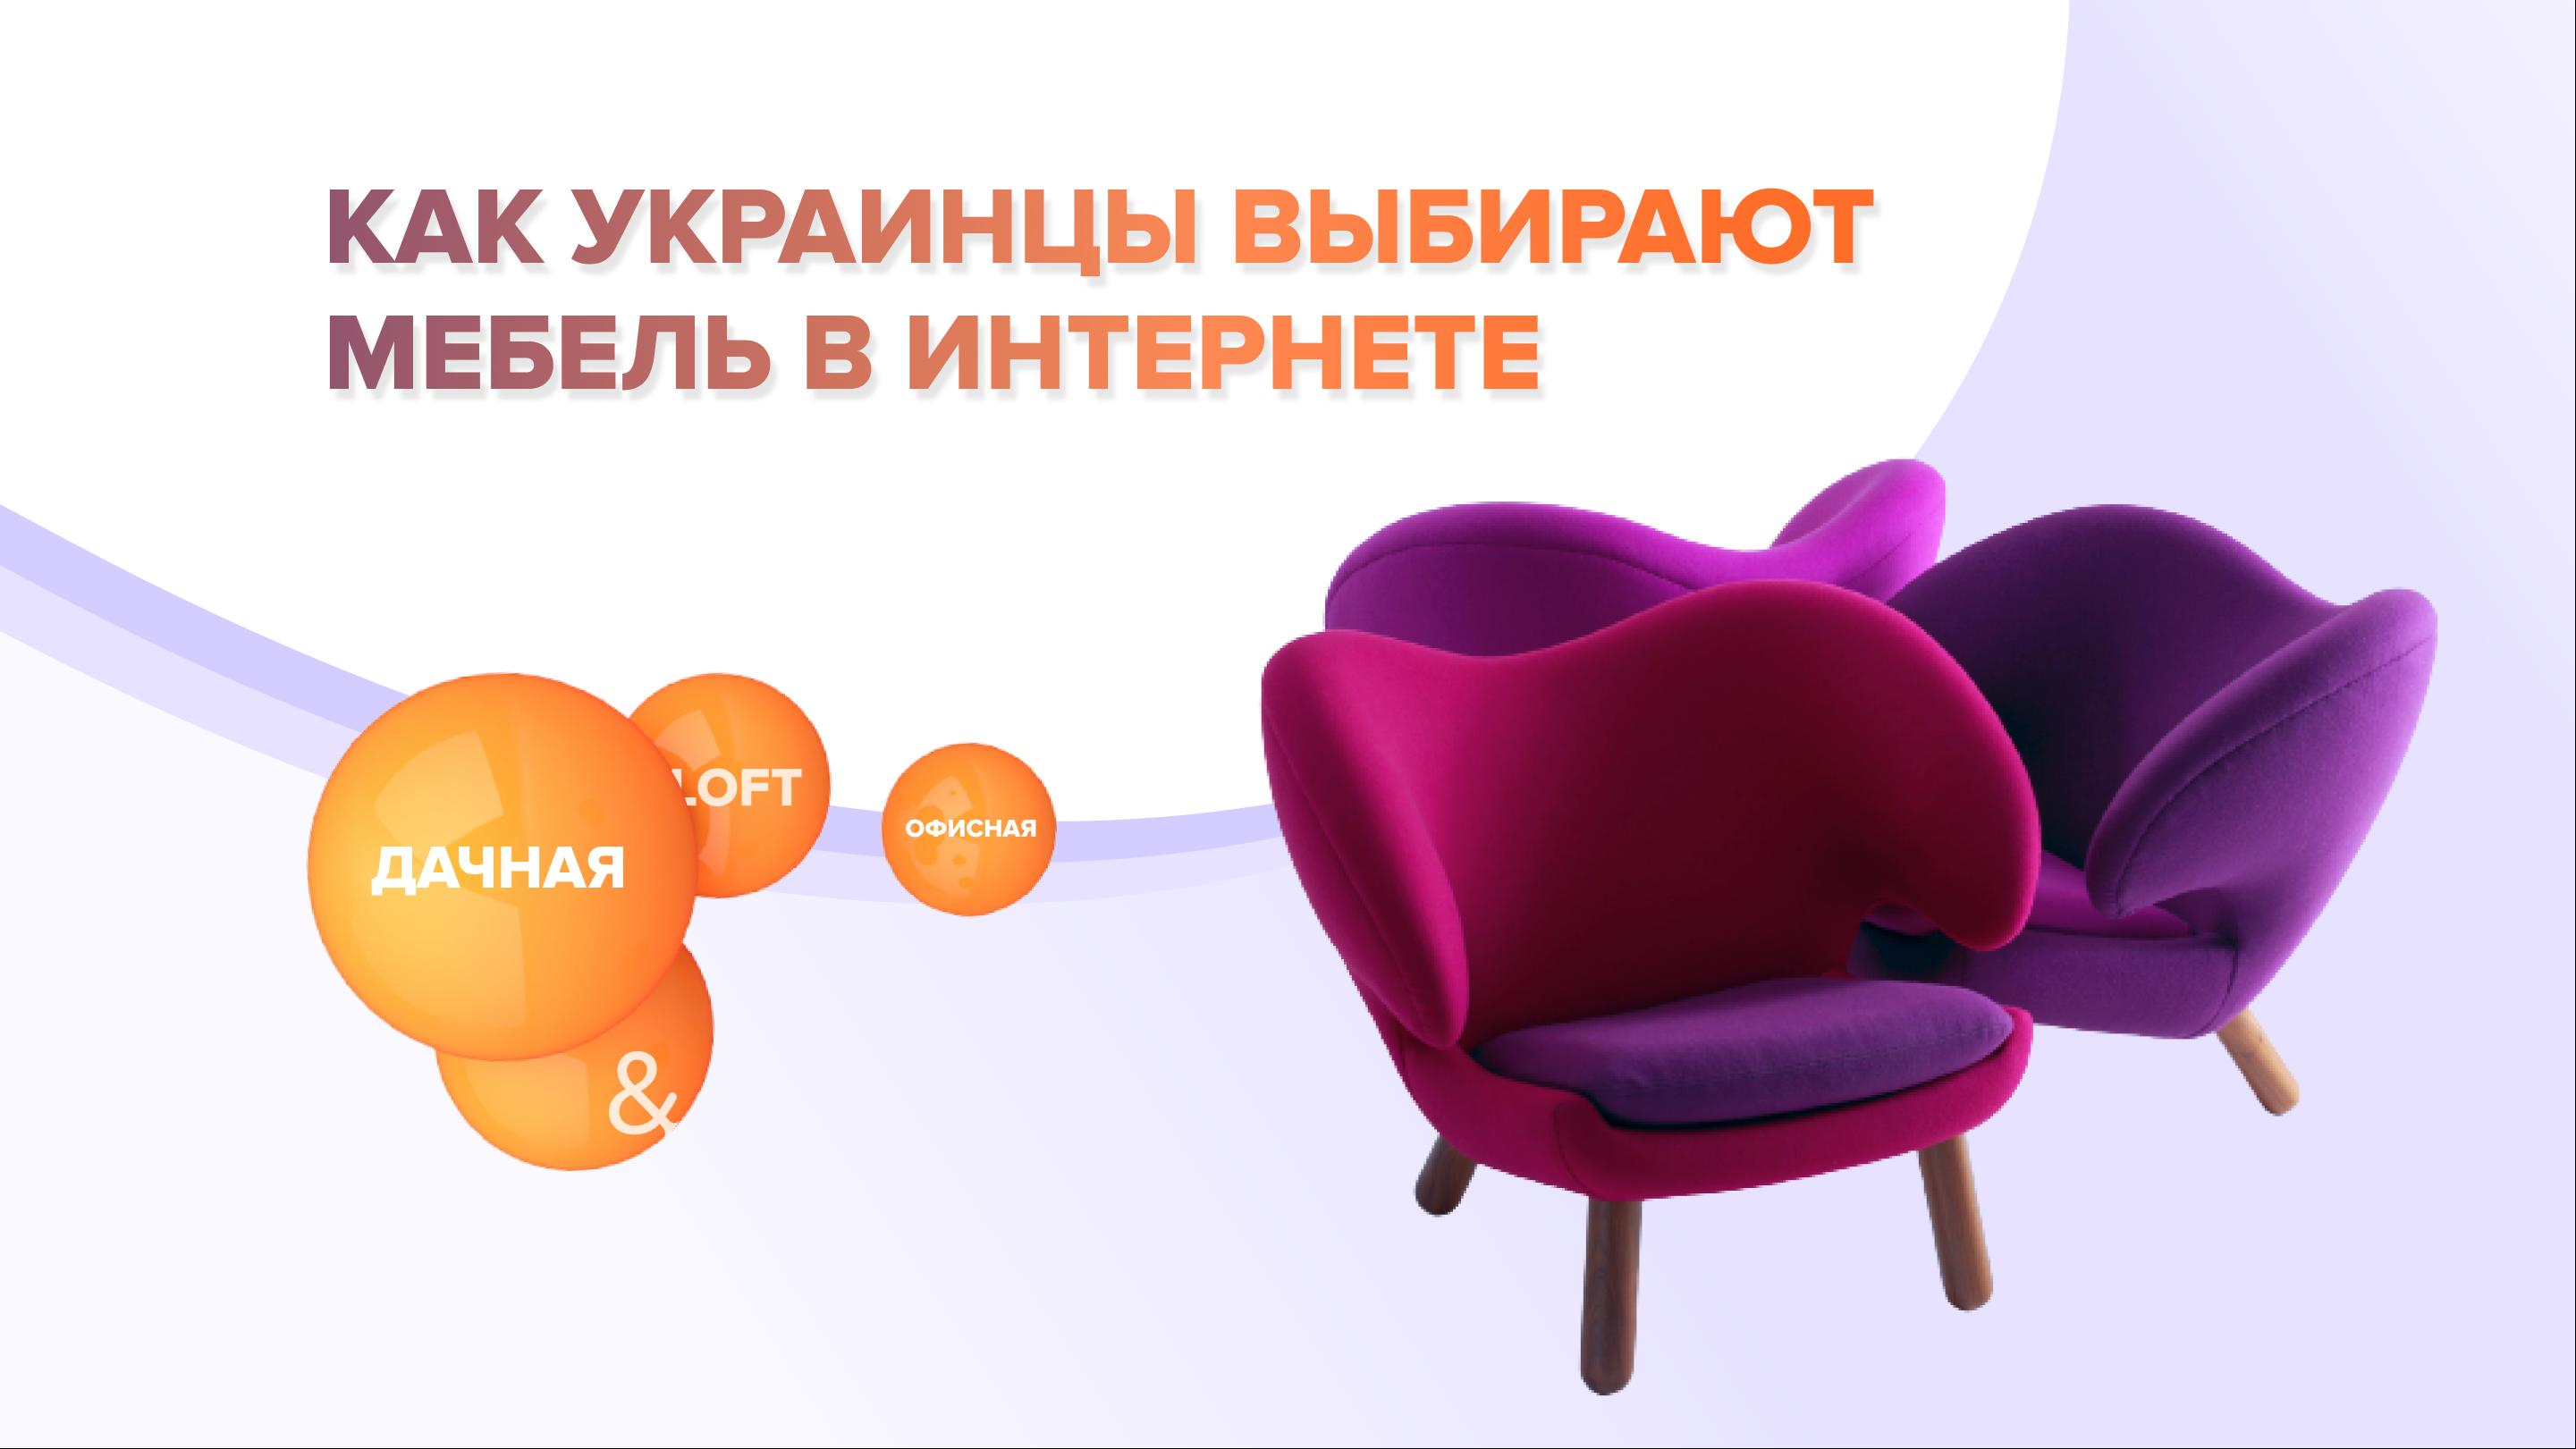 Как ищут мебель